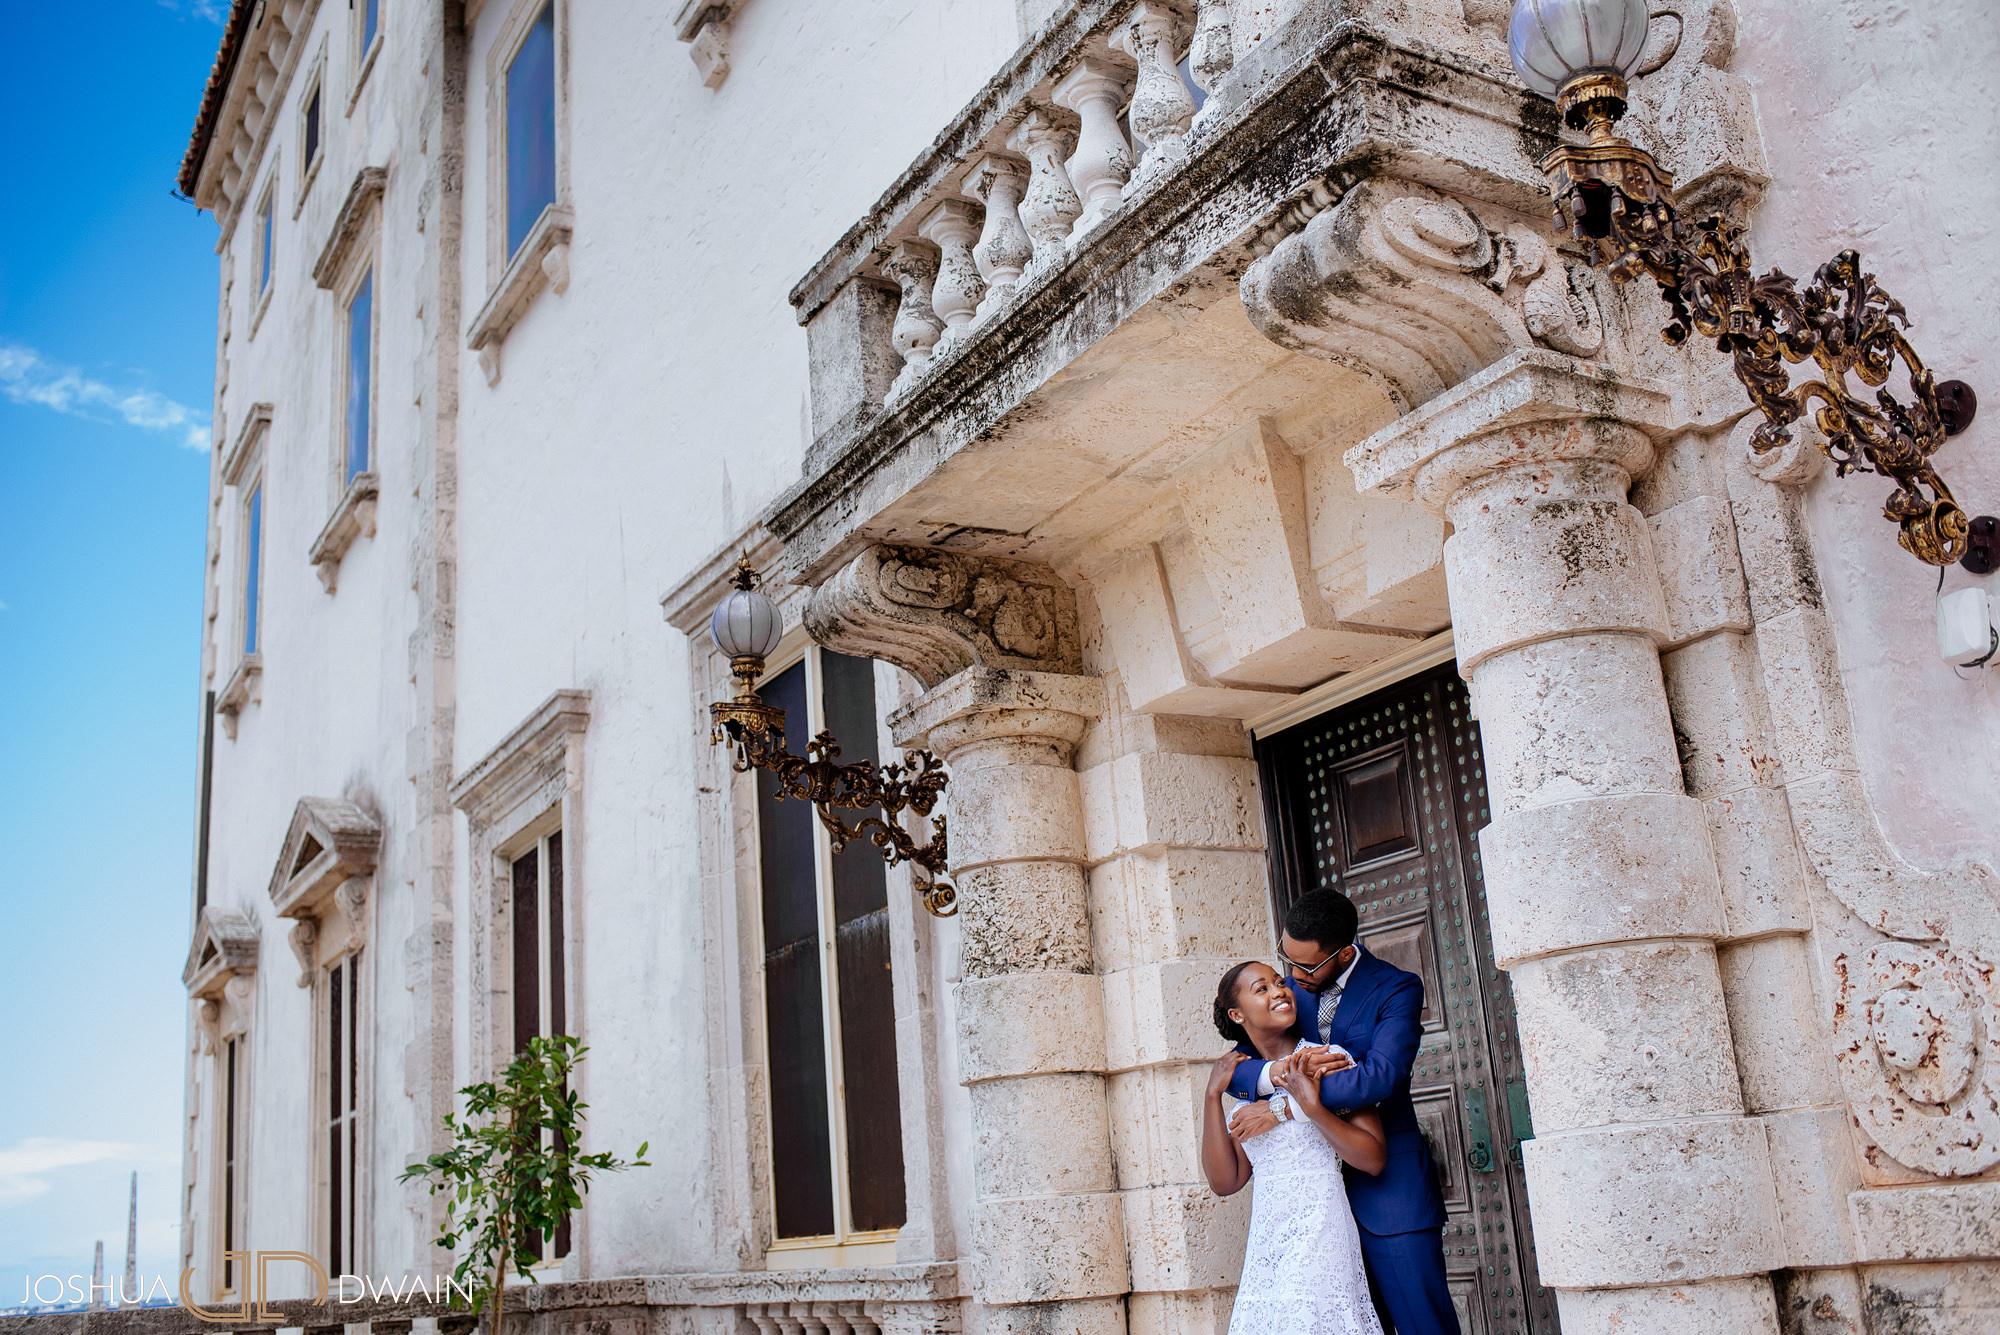 mahalia-jovaun-004-vizcaya-gardens-museum-engagement-wedding-photos-joshua-dwain